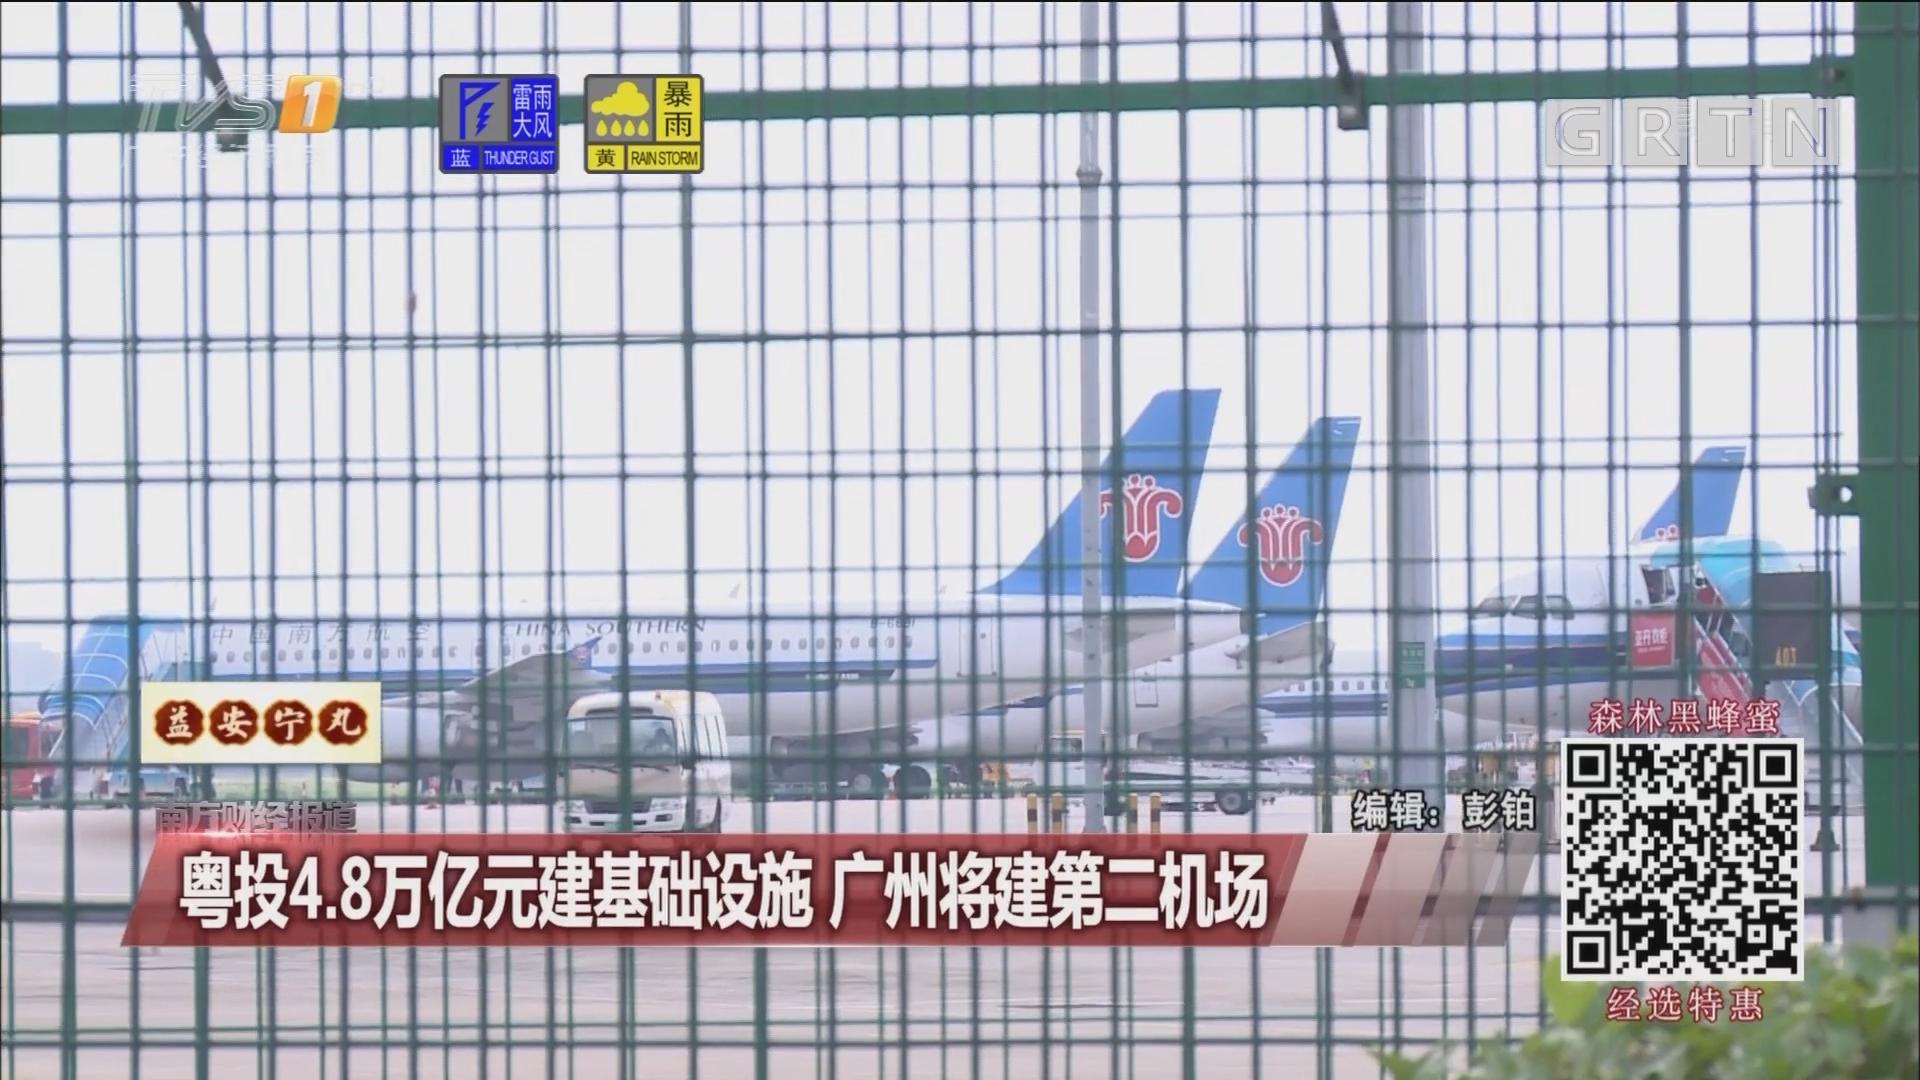 粤投4.8万亿元建基础设施 广州将建第二机场